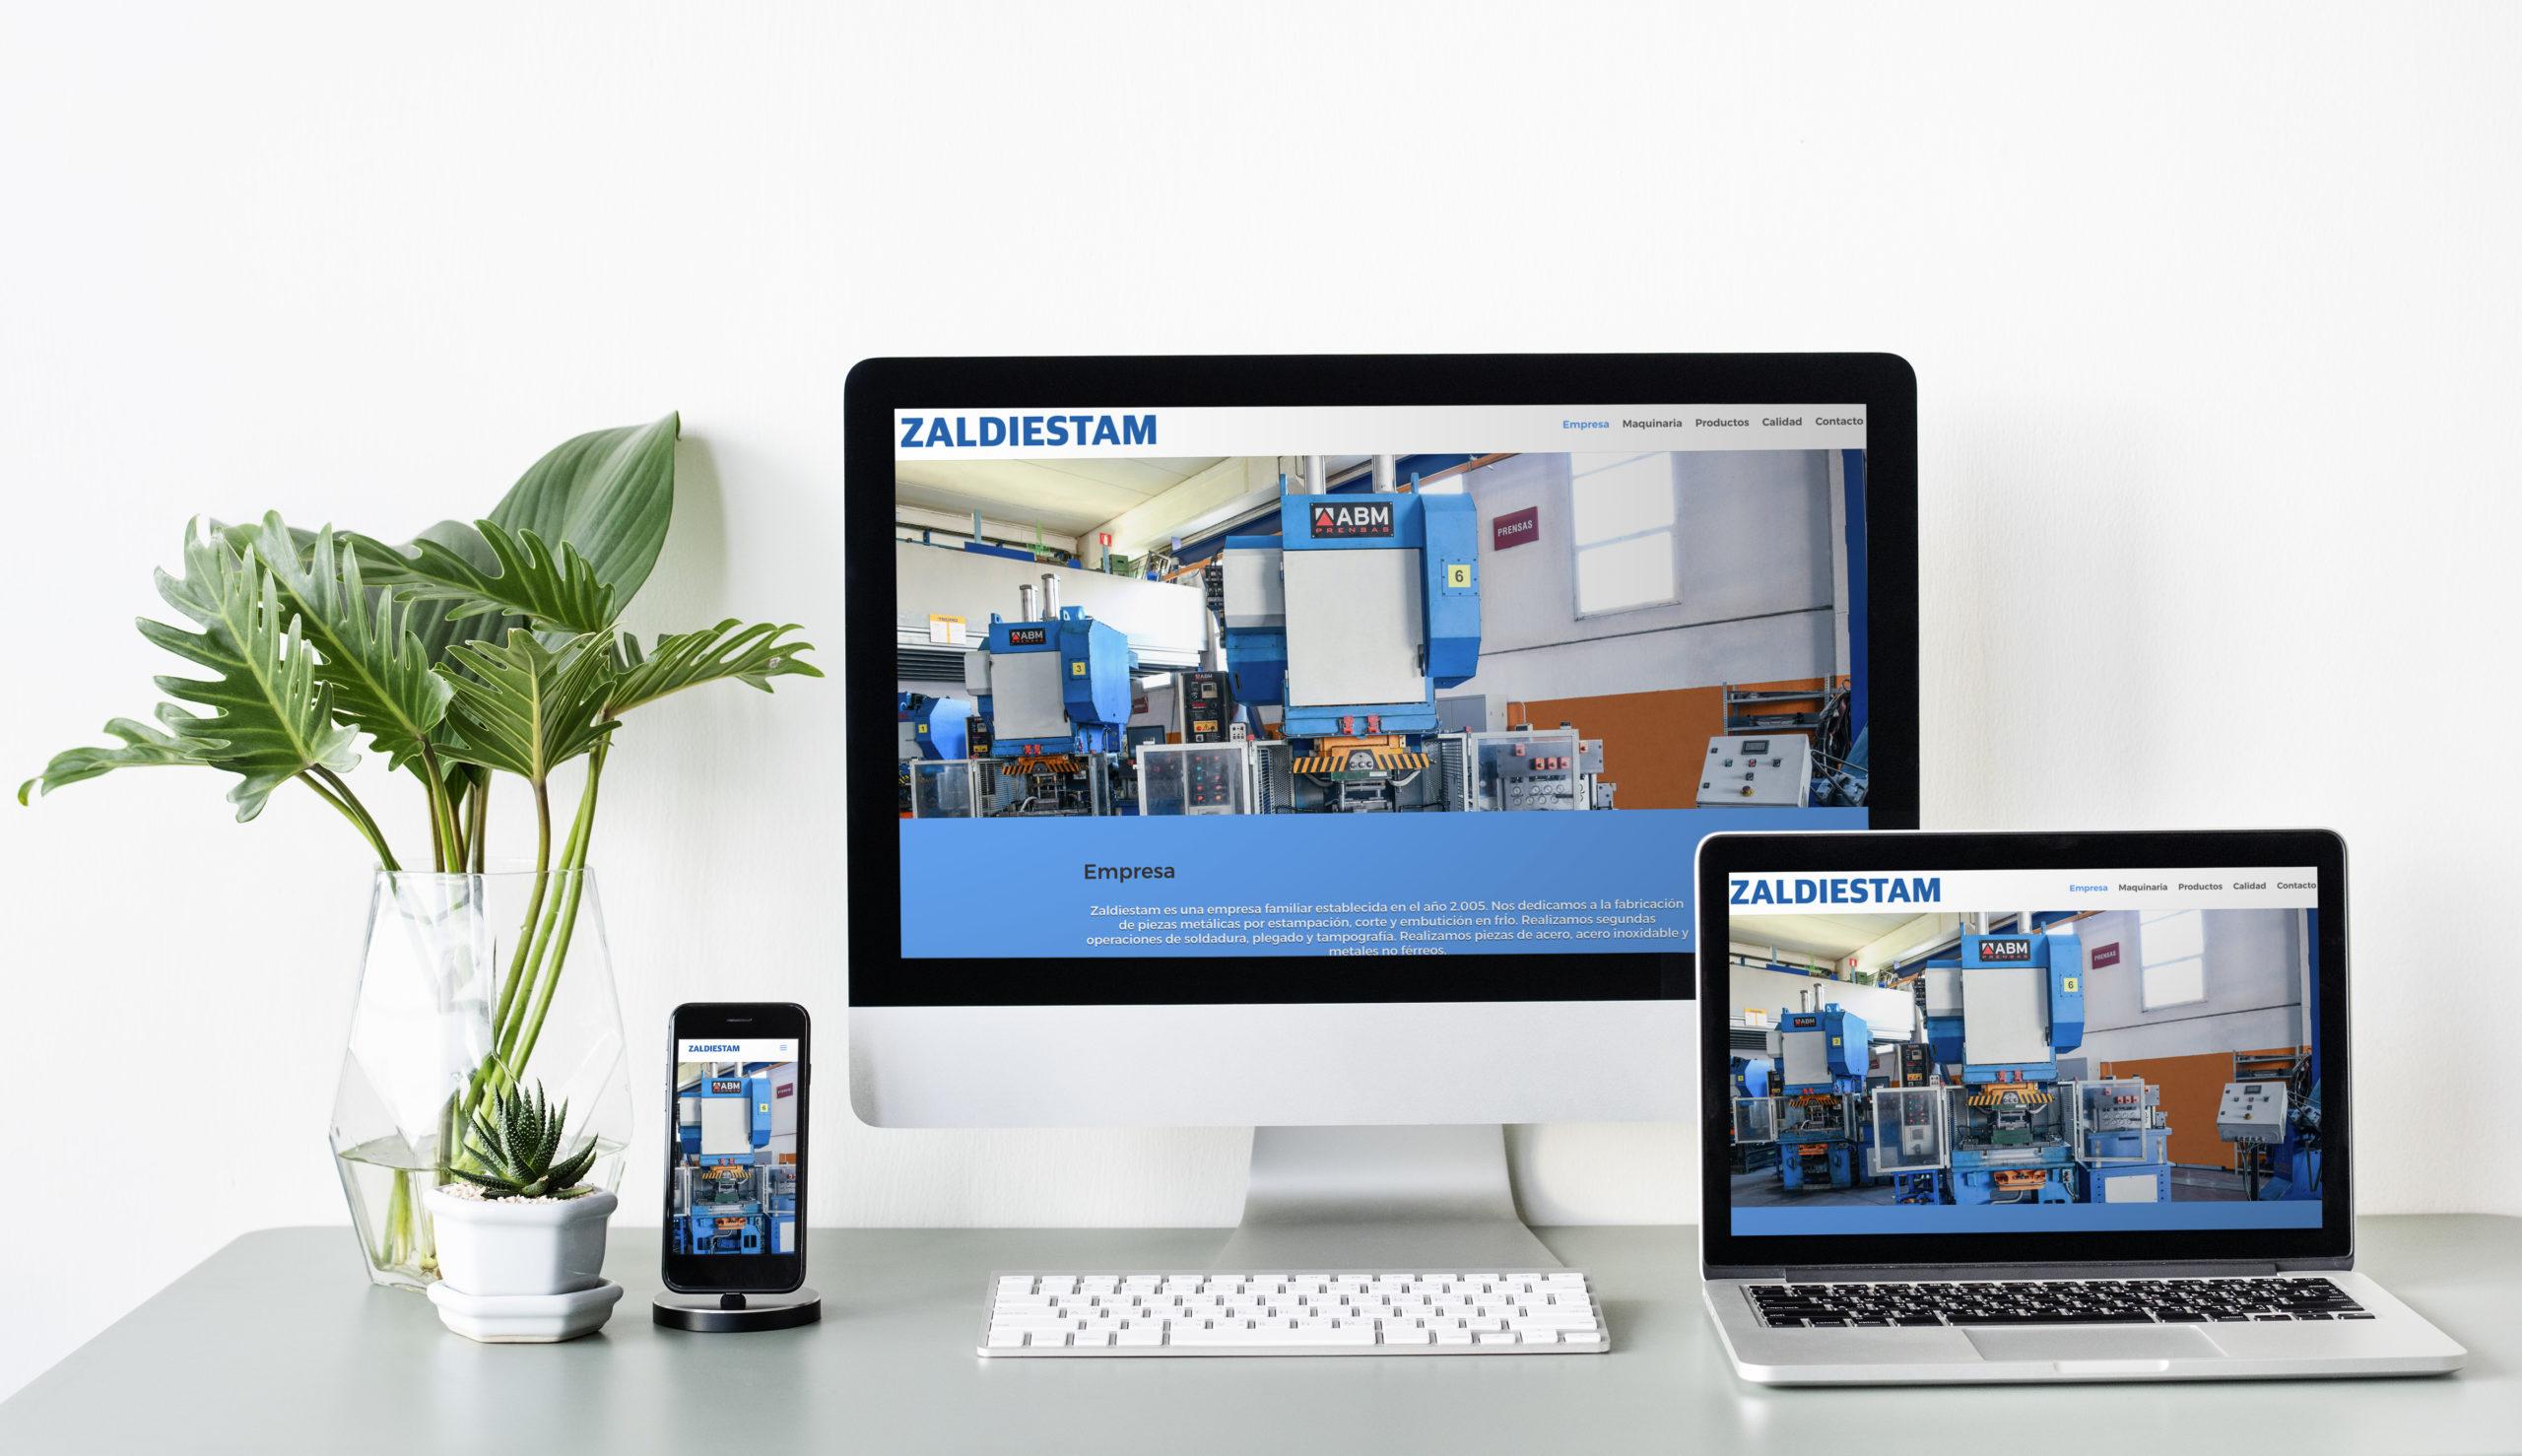 motiva-agencia-comunicacion_online_web-zaldiestam